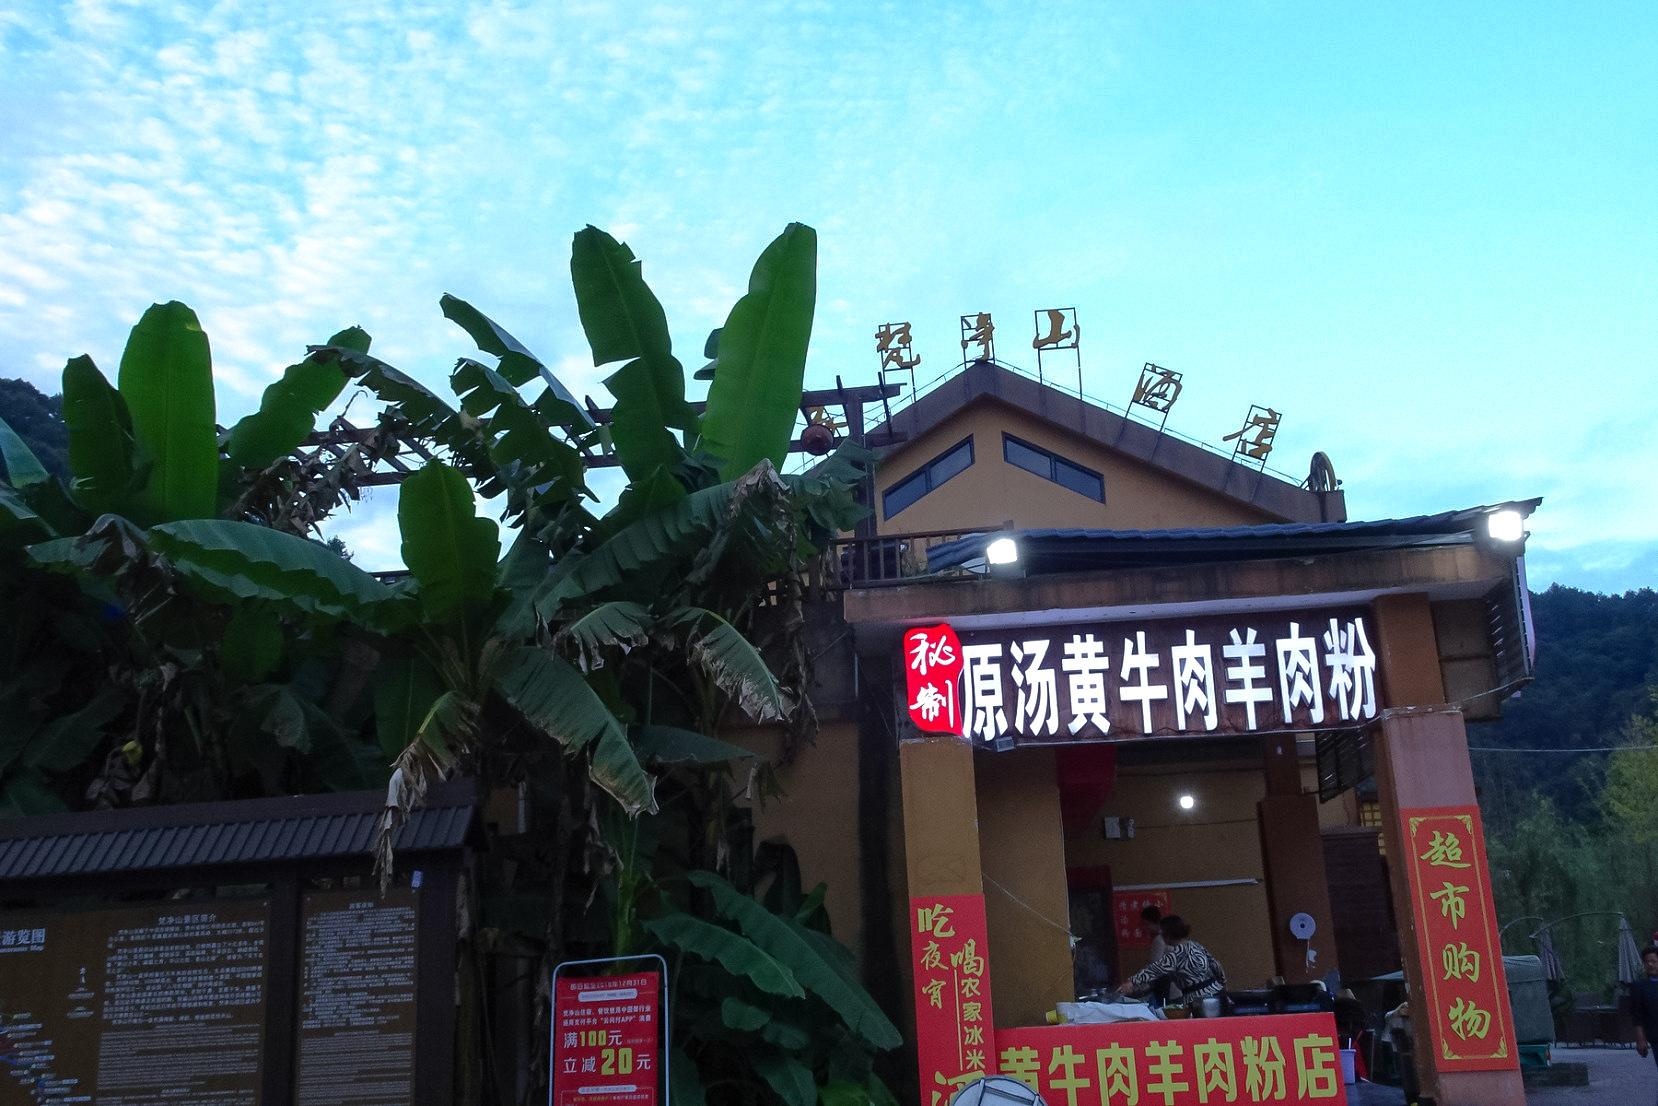 #南游记#走进梵净山(一)